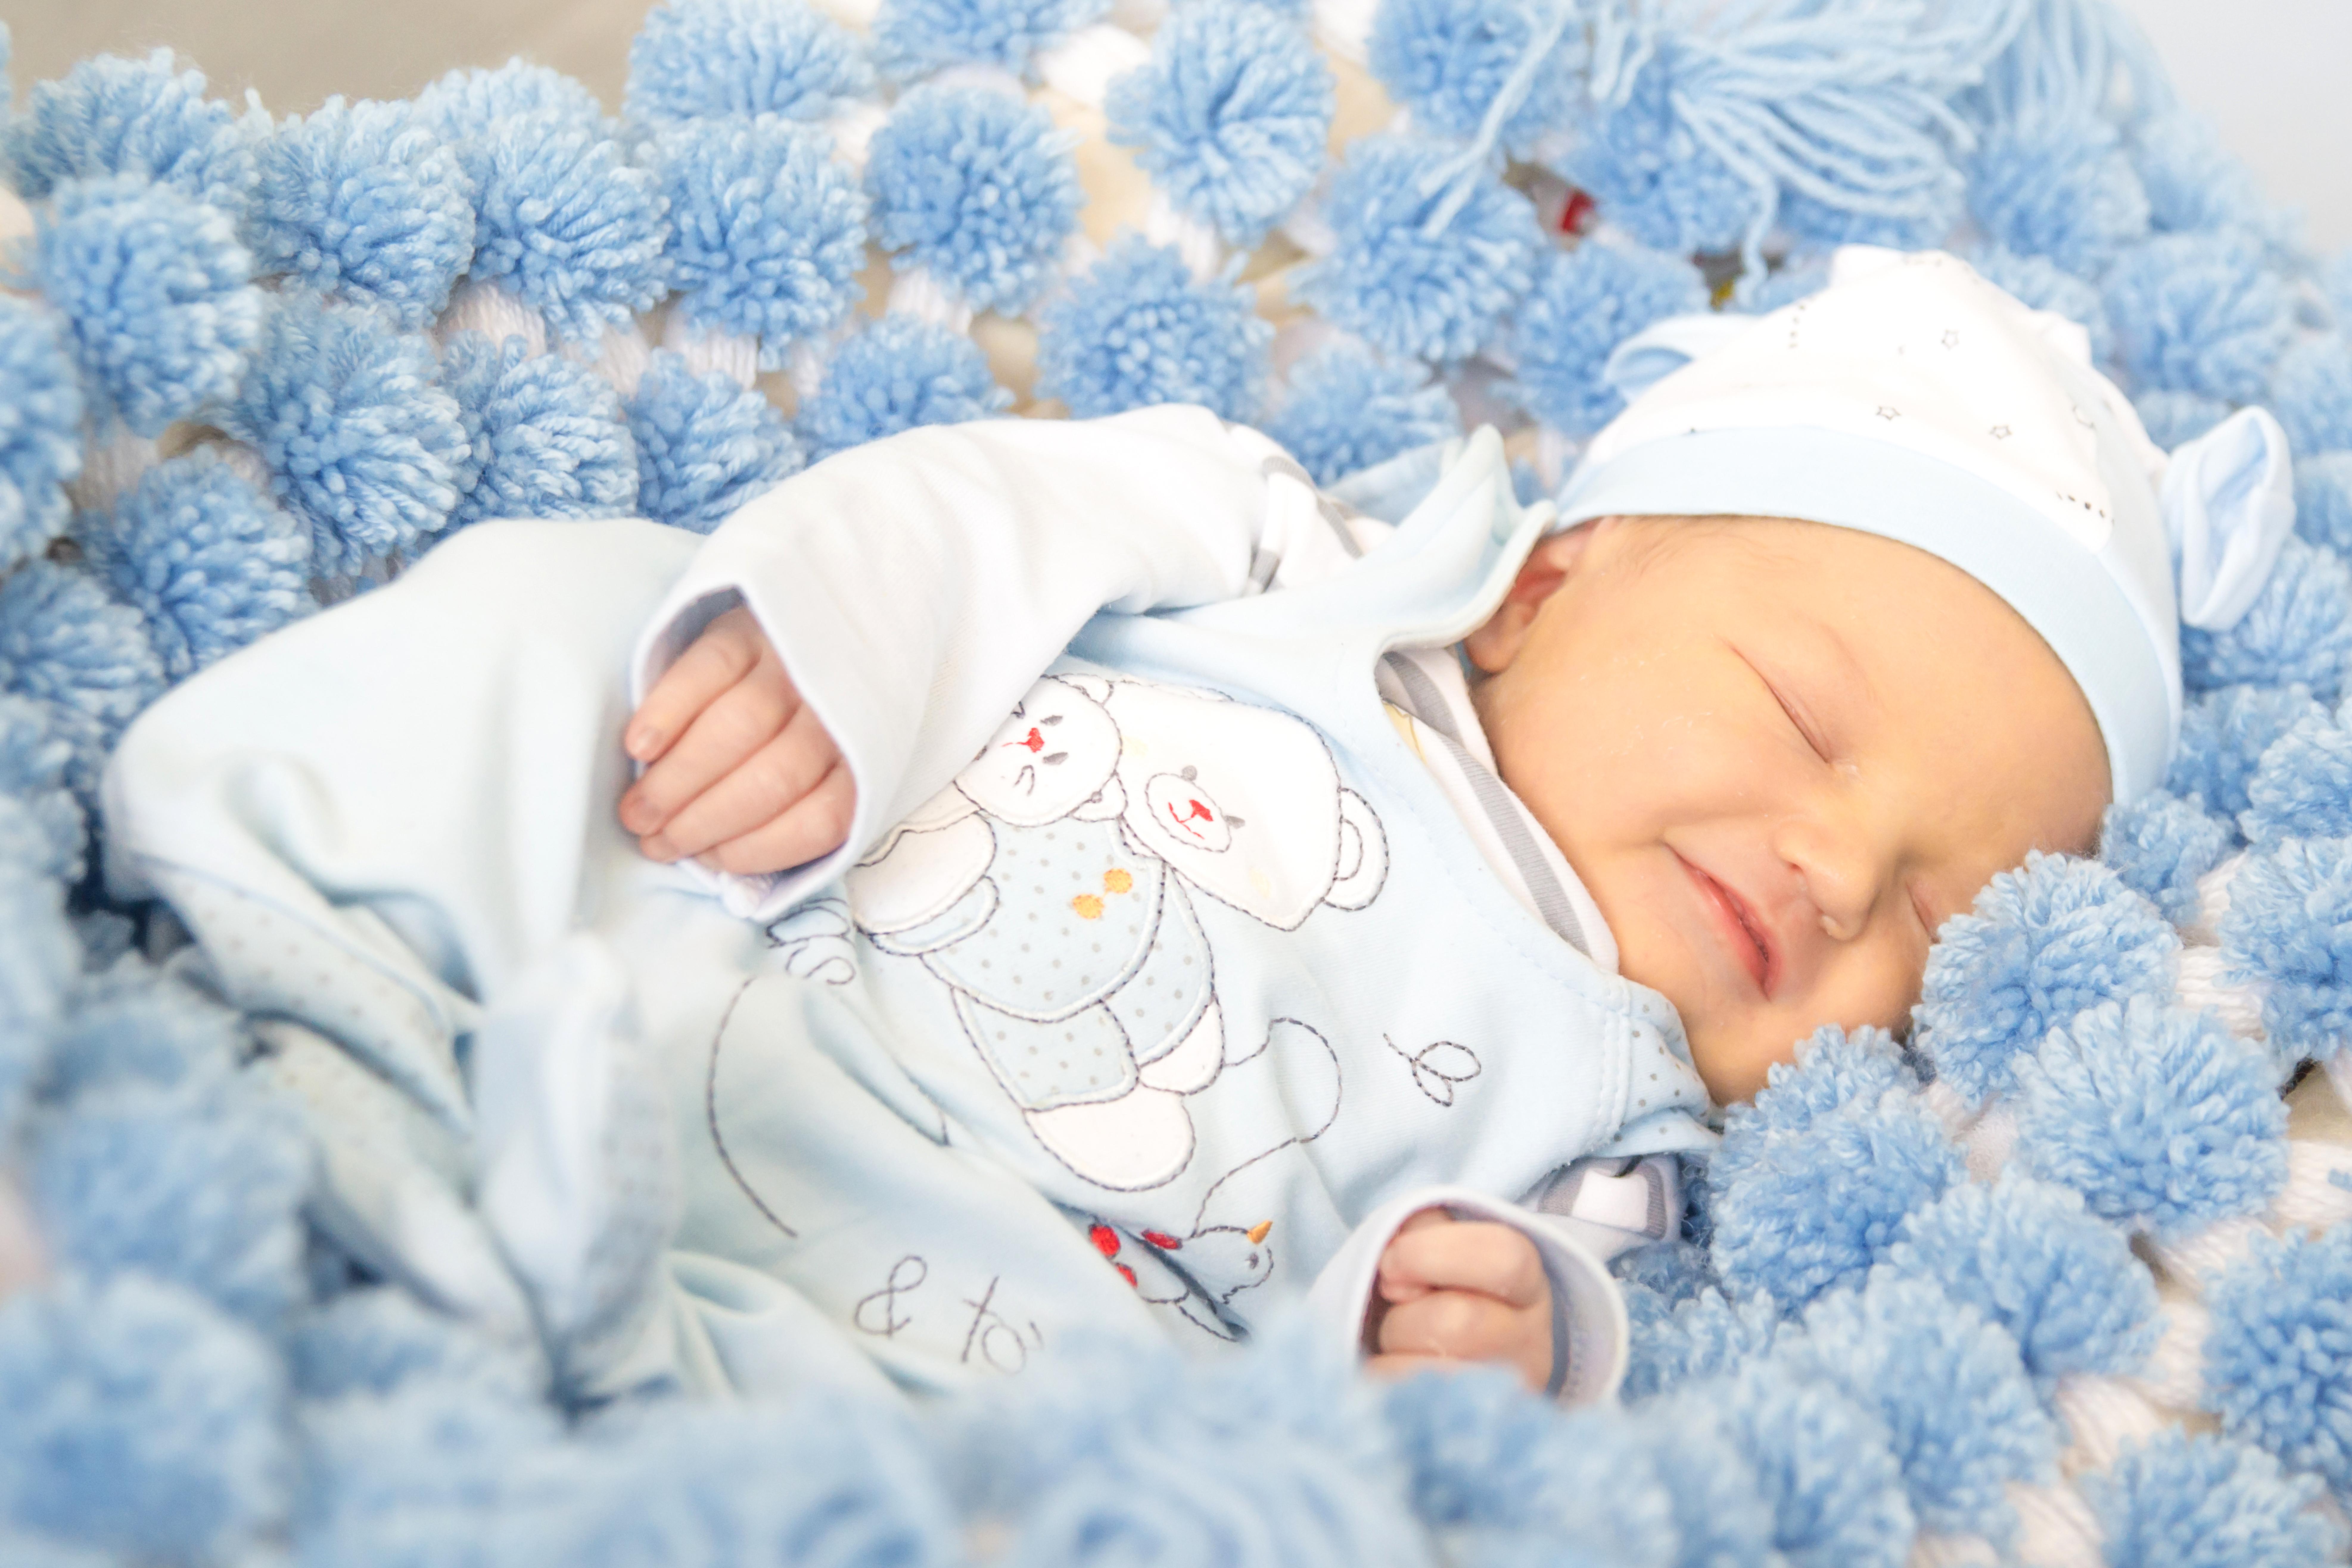 Картинки новорожденных детей, журналов своими